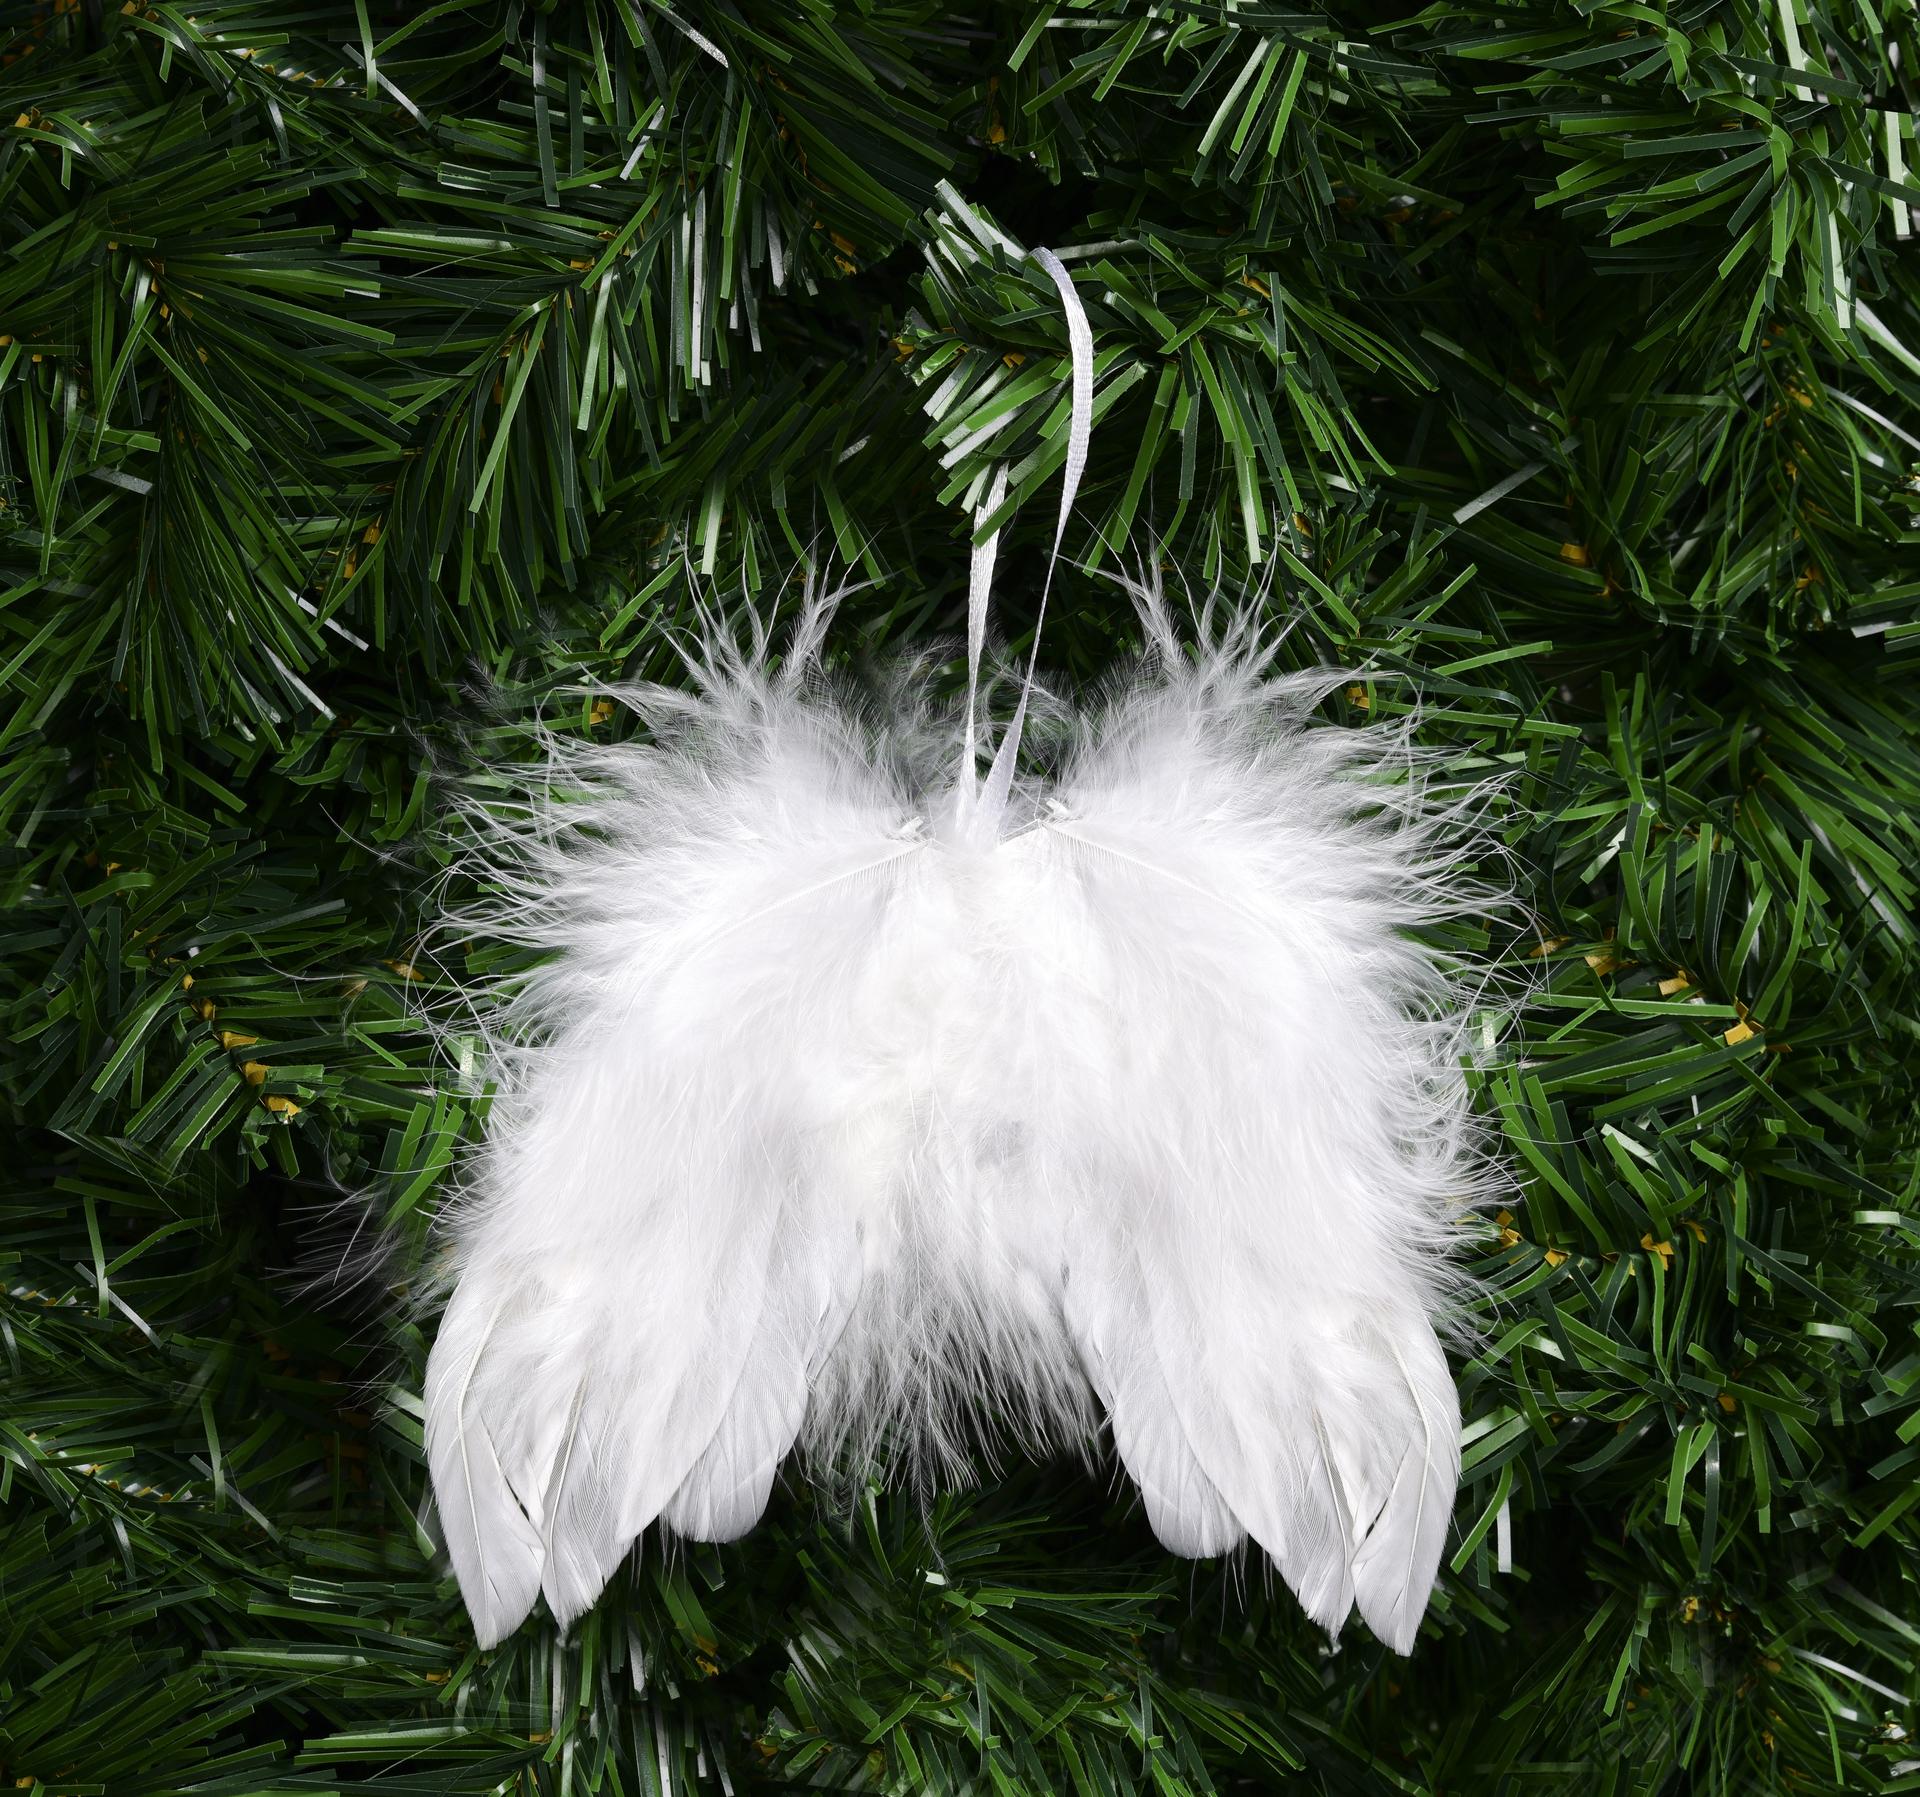 Andělská křídla zdobená jemnými pírky